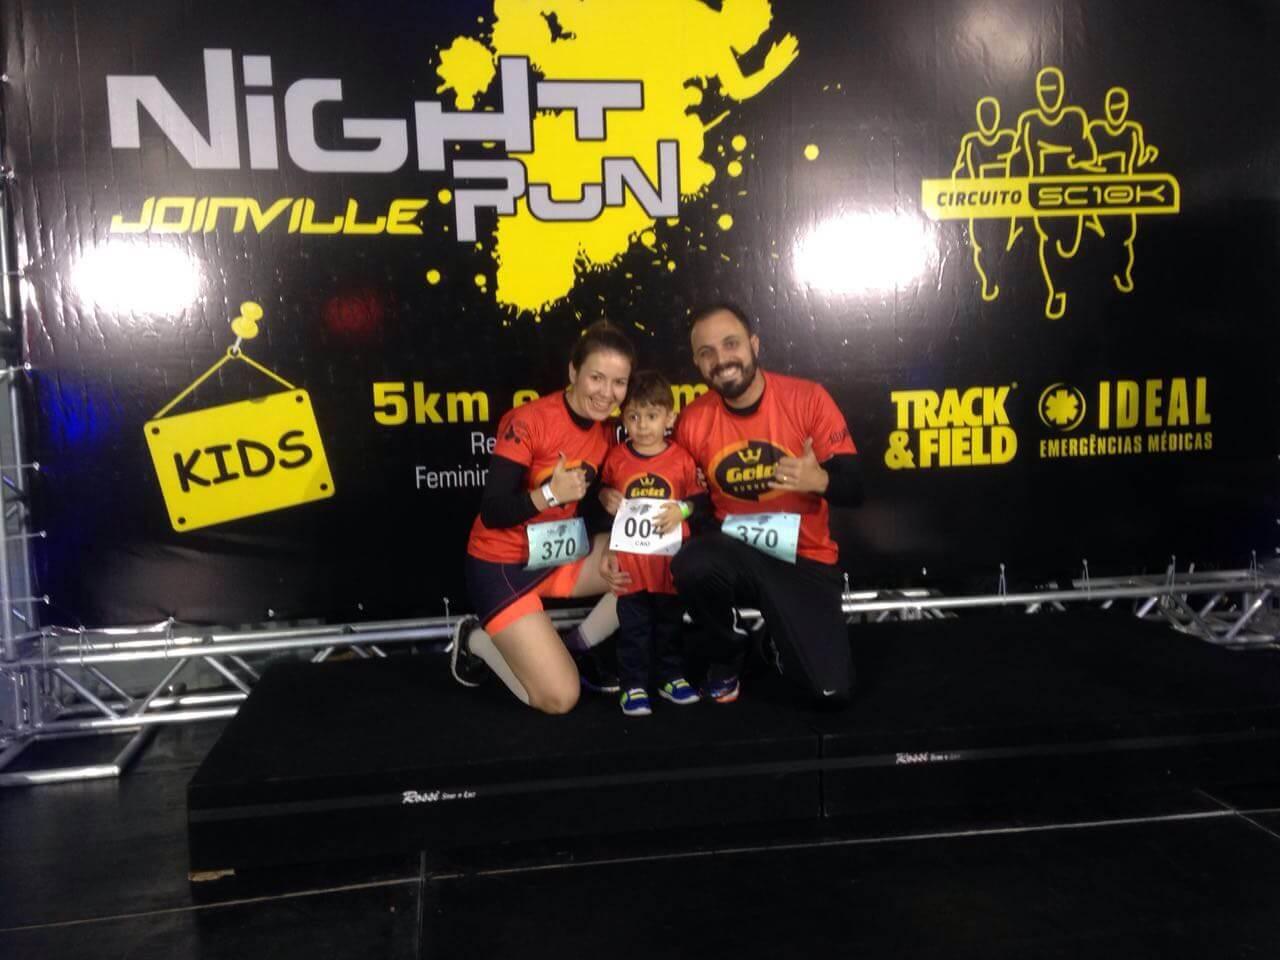 familia night run (1)